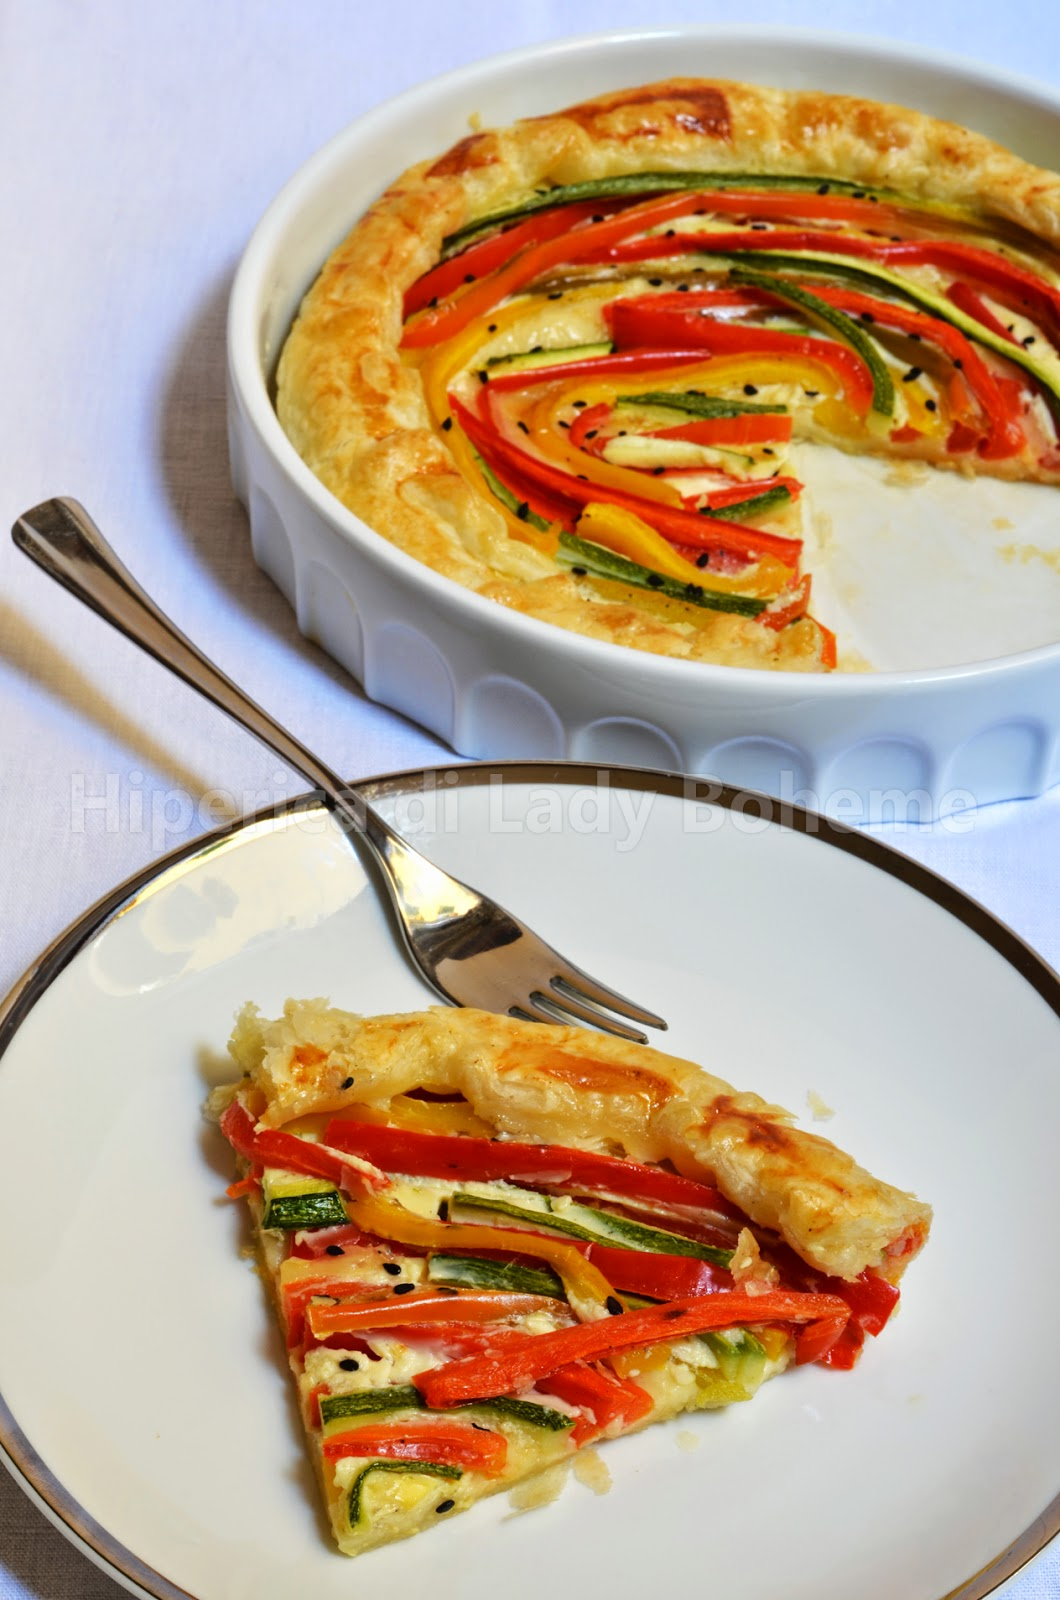 hiperica_lady_boheme_blog_cucina_ricette_gustose_facili_veloci_quiche_estiva_con_peperoni_e_zucchine_2